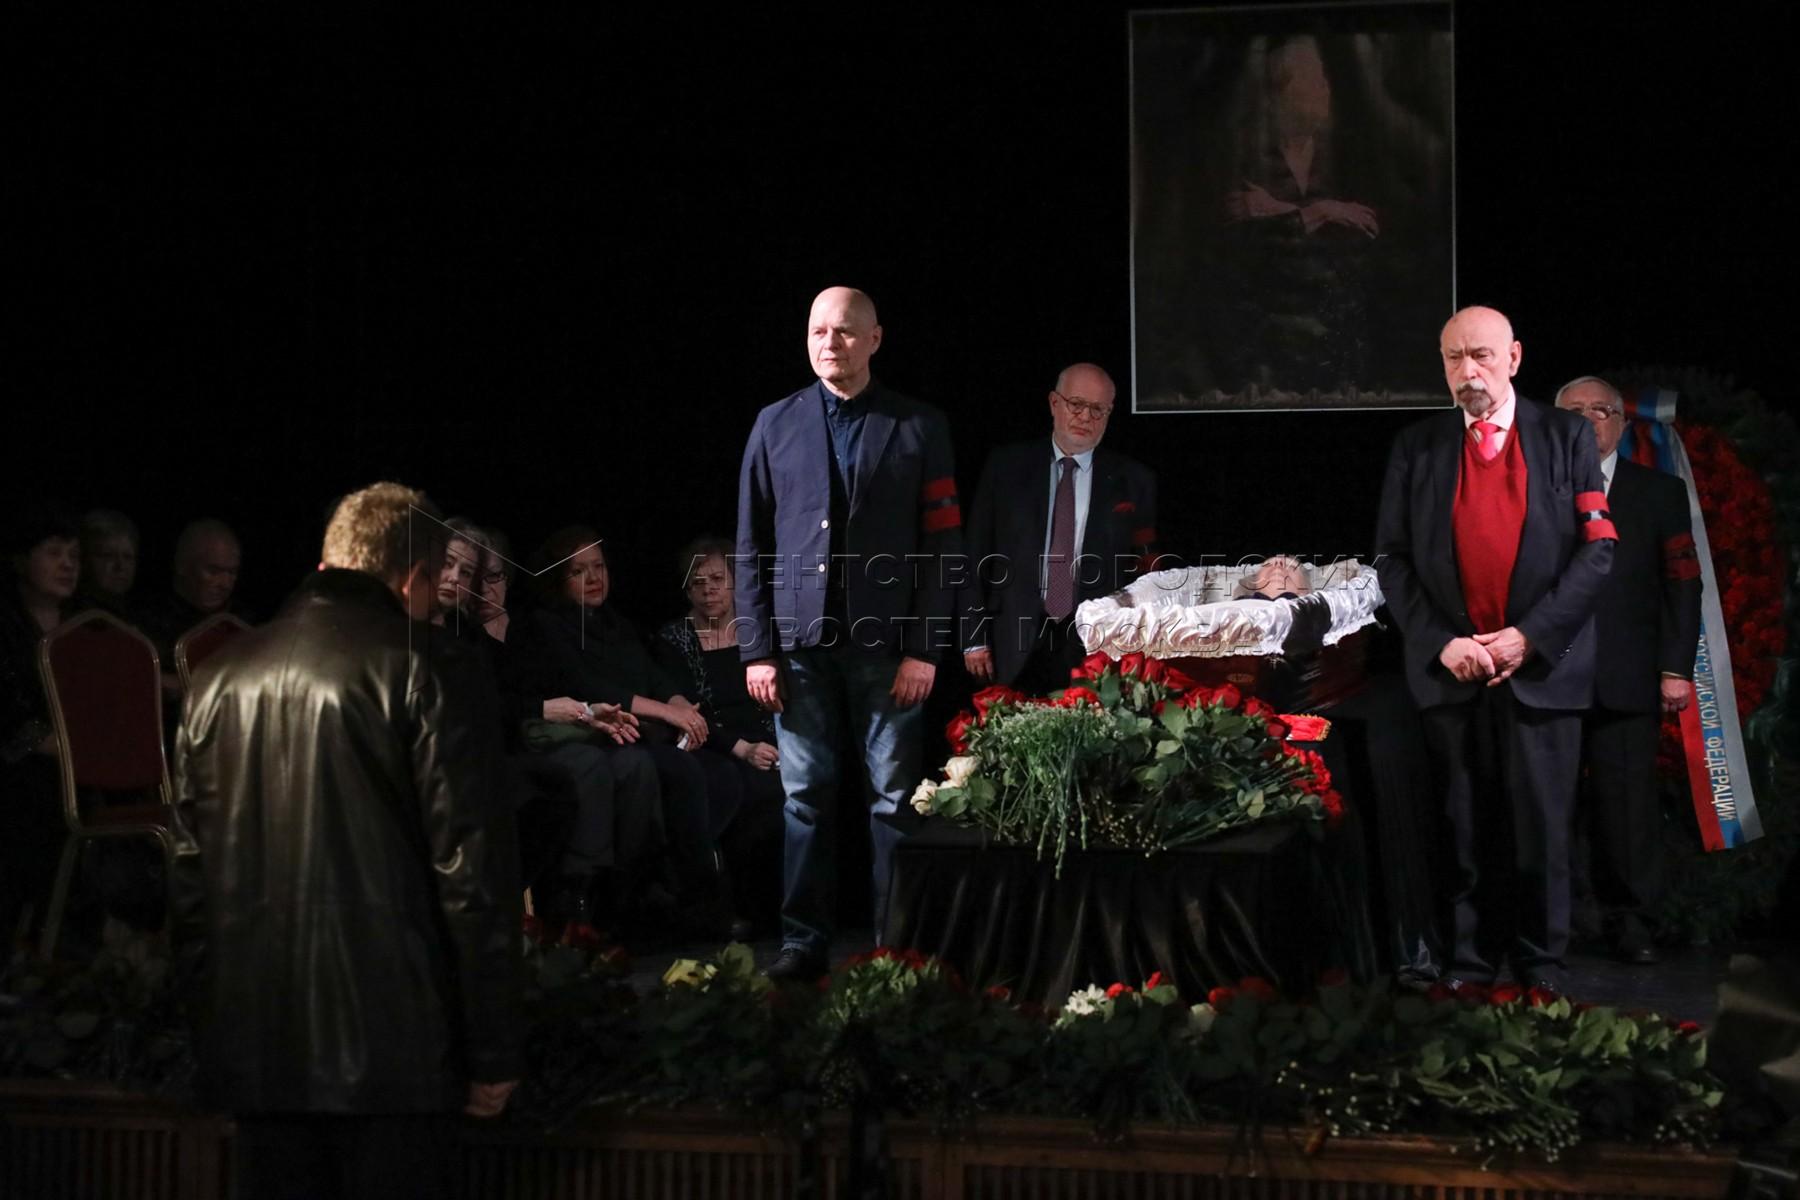 Церемония прощания с правозащитницей Людмилой Алексеевой в Центральном доме журналиста. Автор фото: Никеричев Андрей.